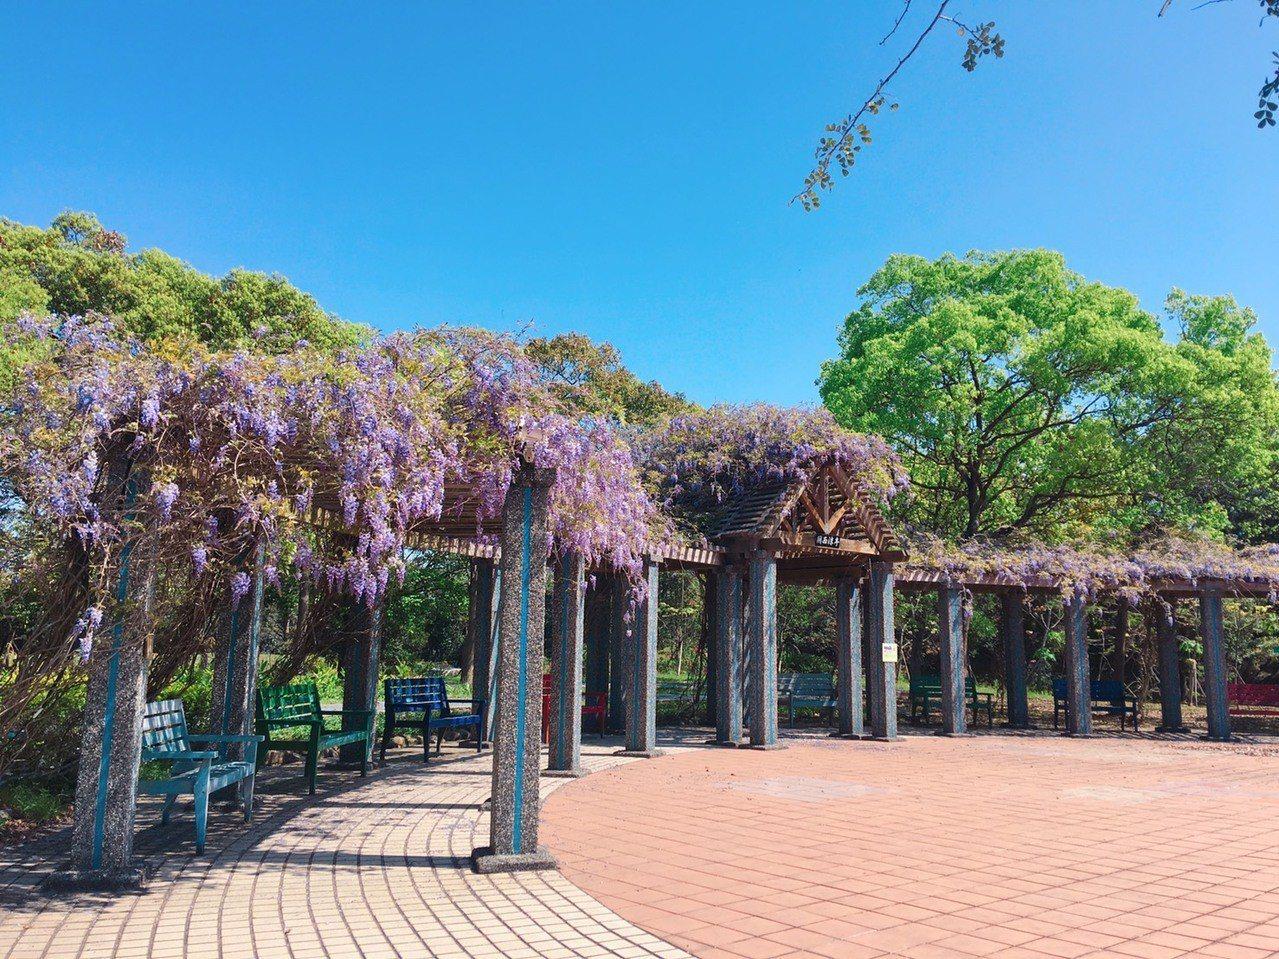 紫藤花沿著花架垂落,串串下垂的花穗如紫蝶般,位置就在關西服務區。圖/關西服務區提...